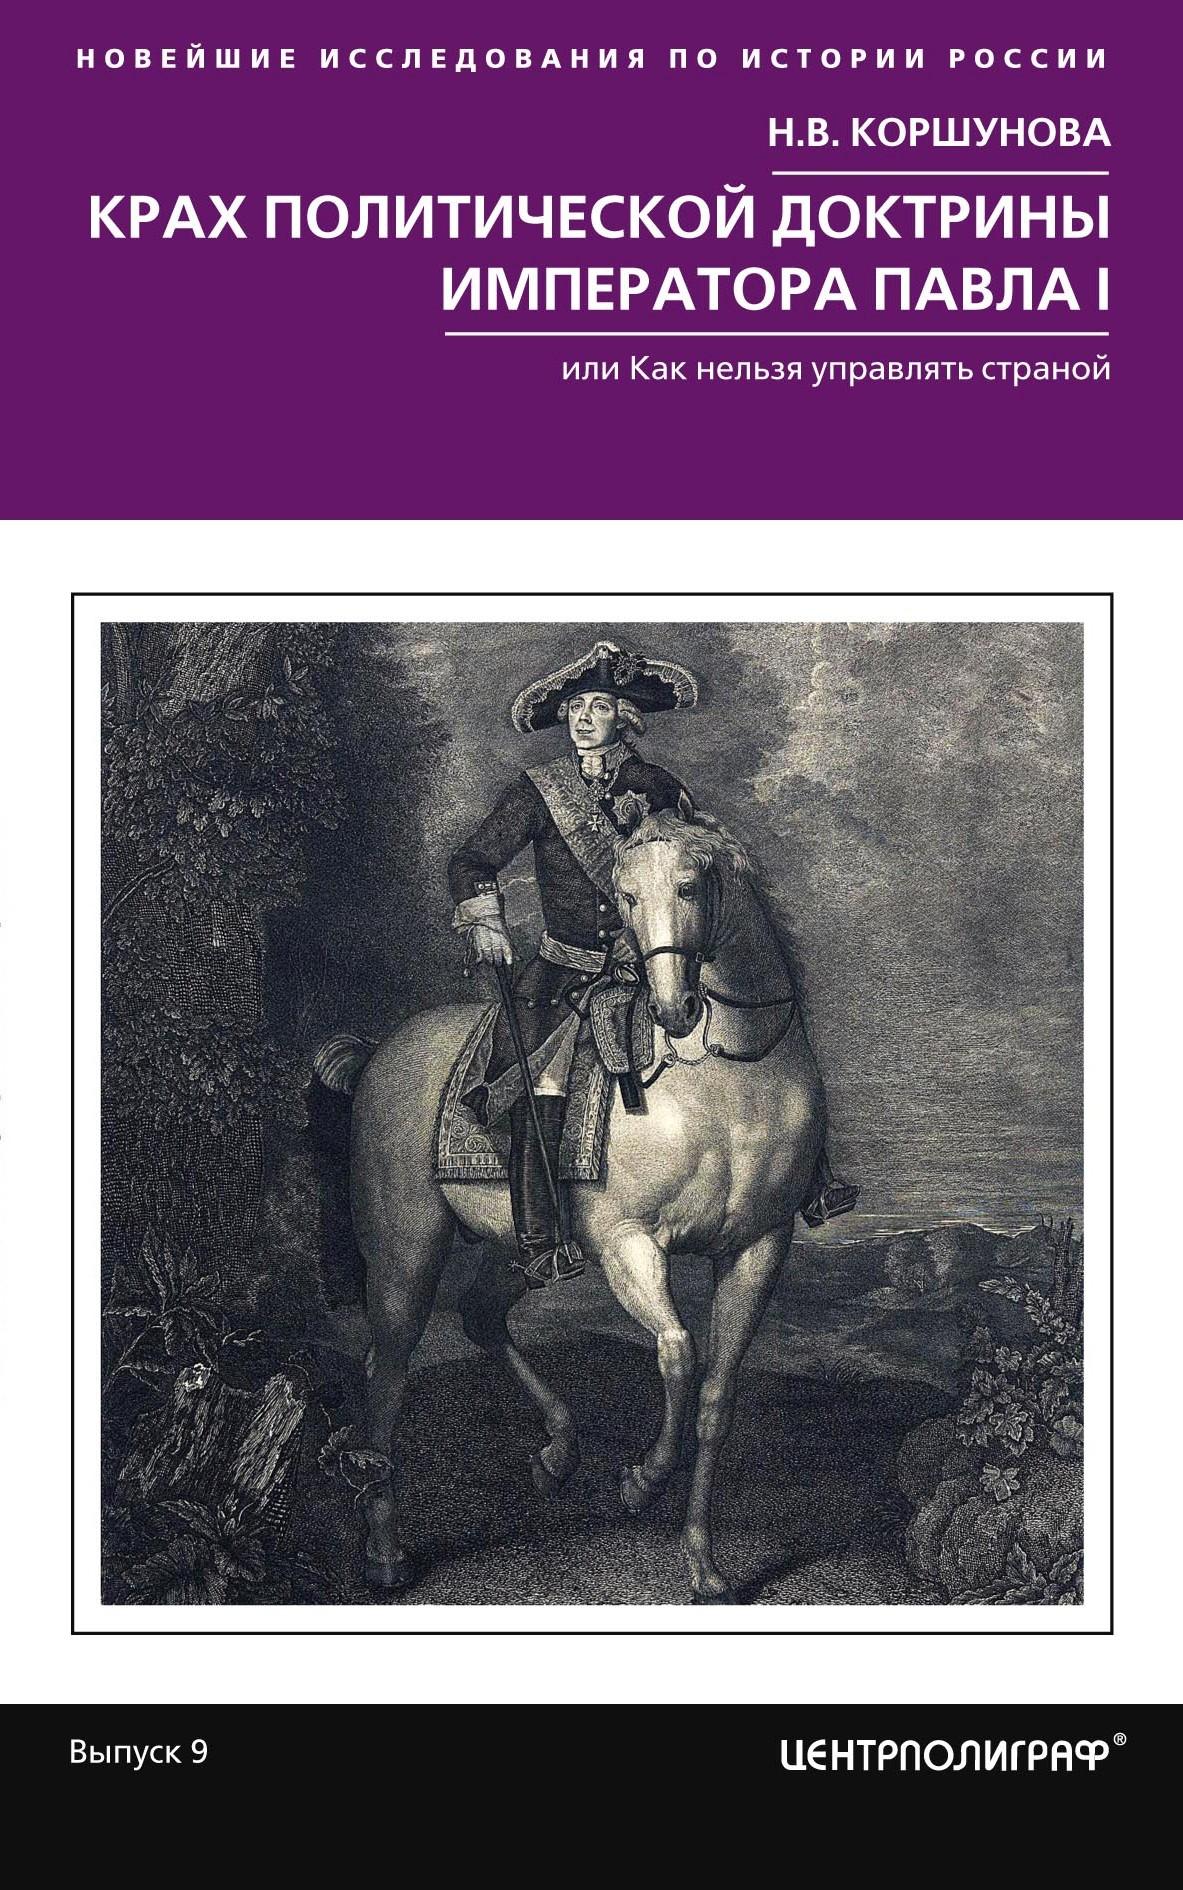 Крах политической доктрины императора Павла I, или Как нельзя управлять страной